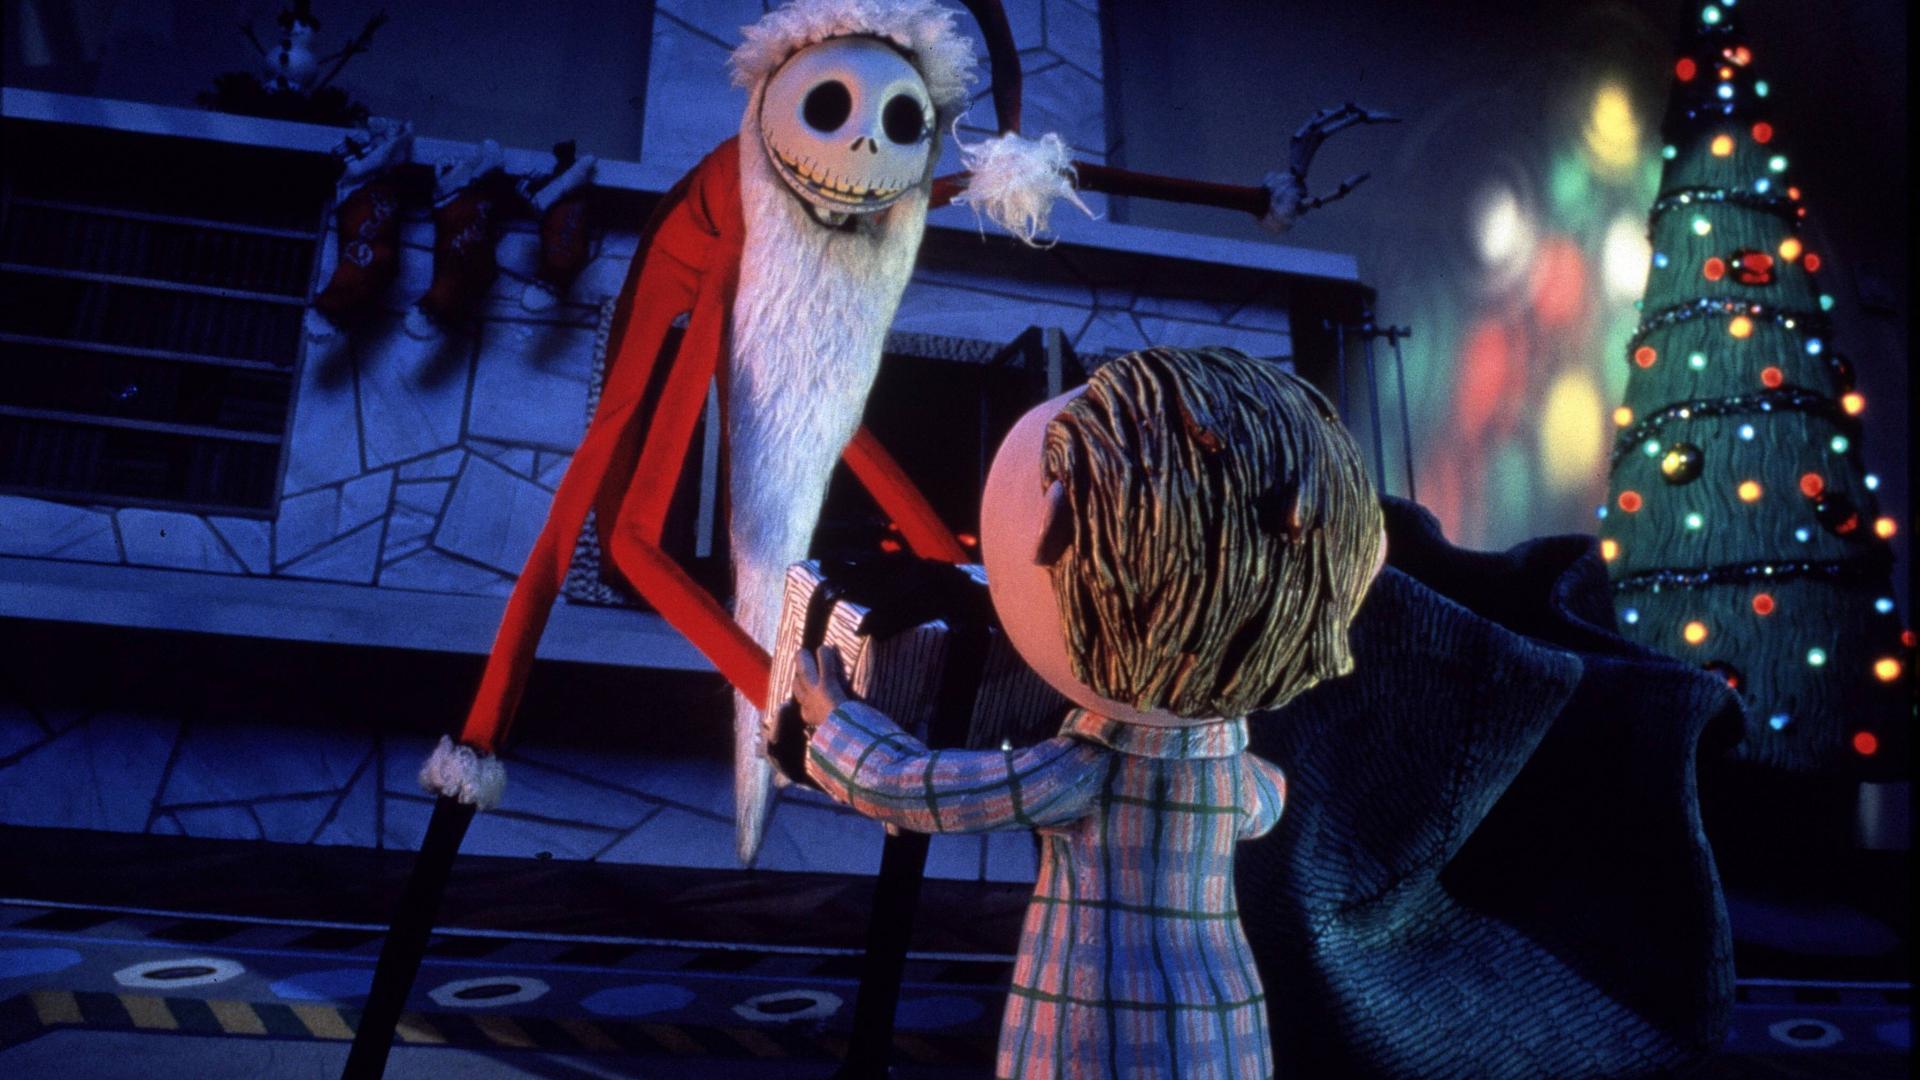 Skelett Jack verkleidet sich als Weihnachtsmann.